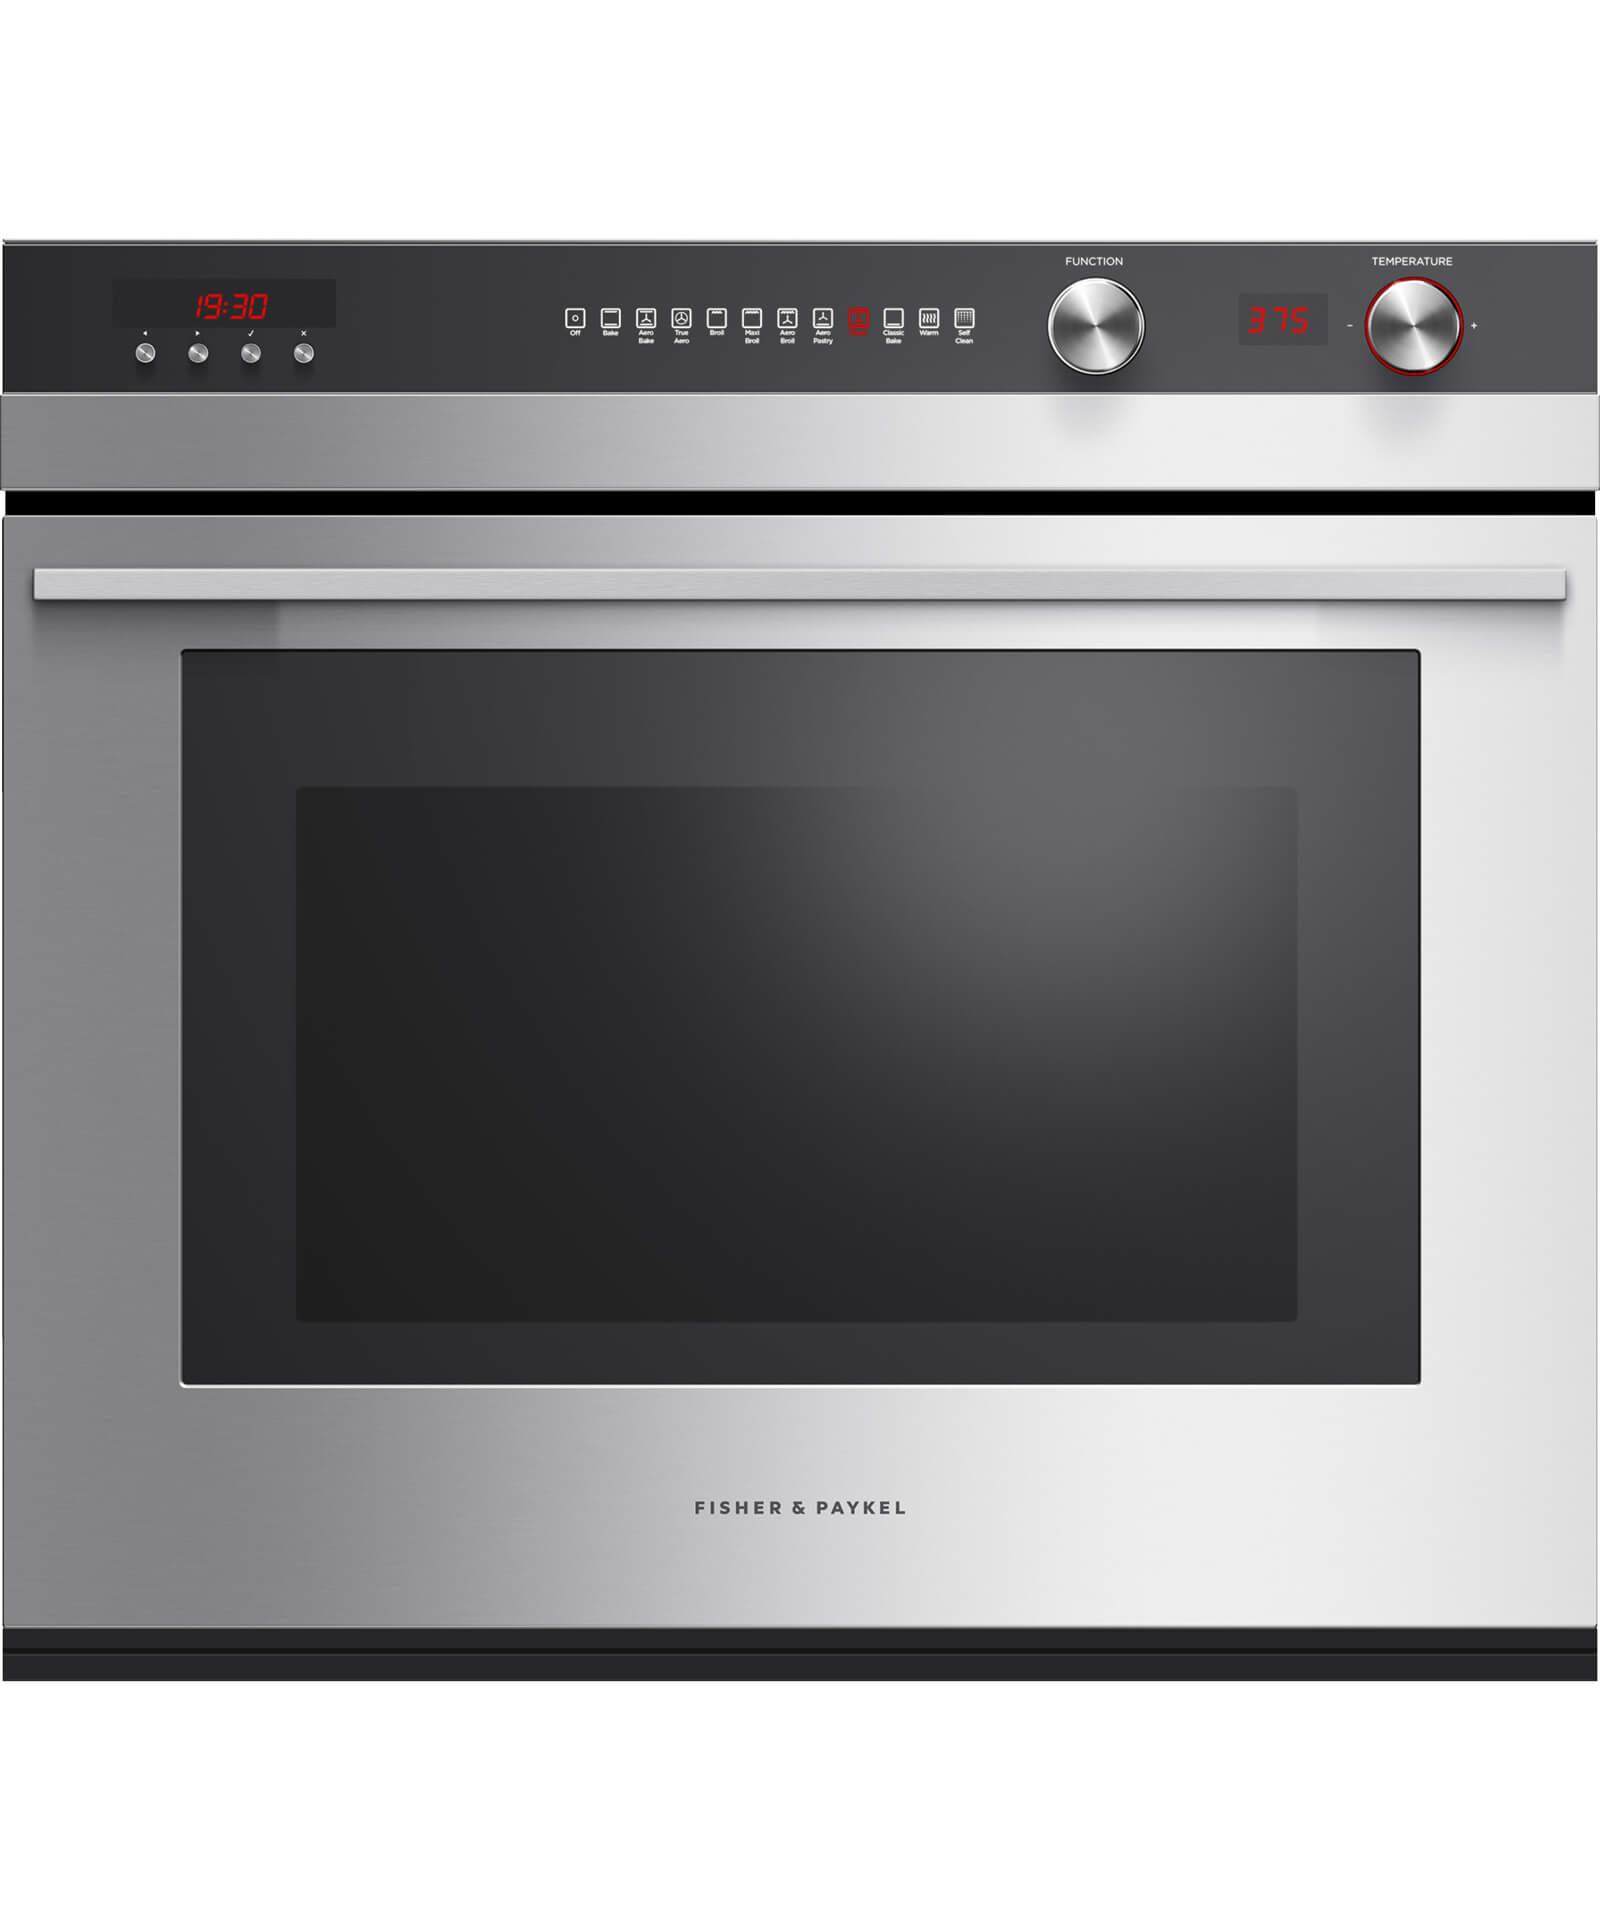 Built-in Oven 30